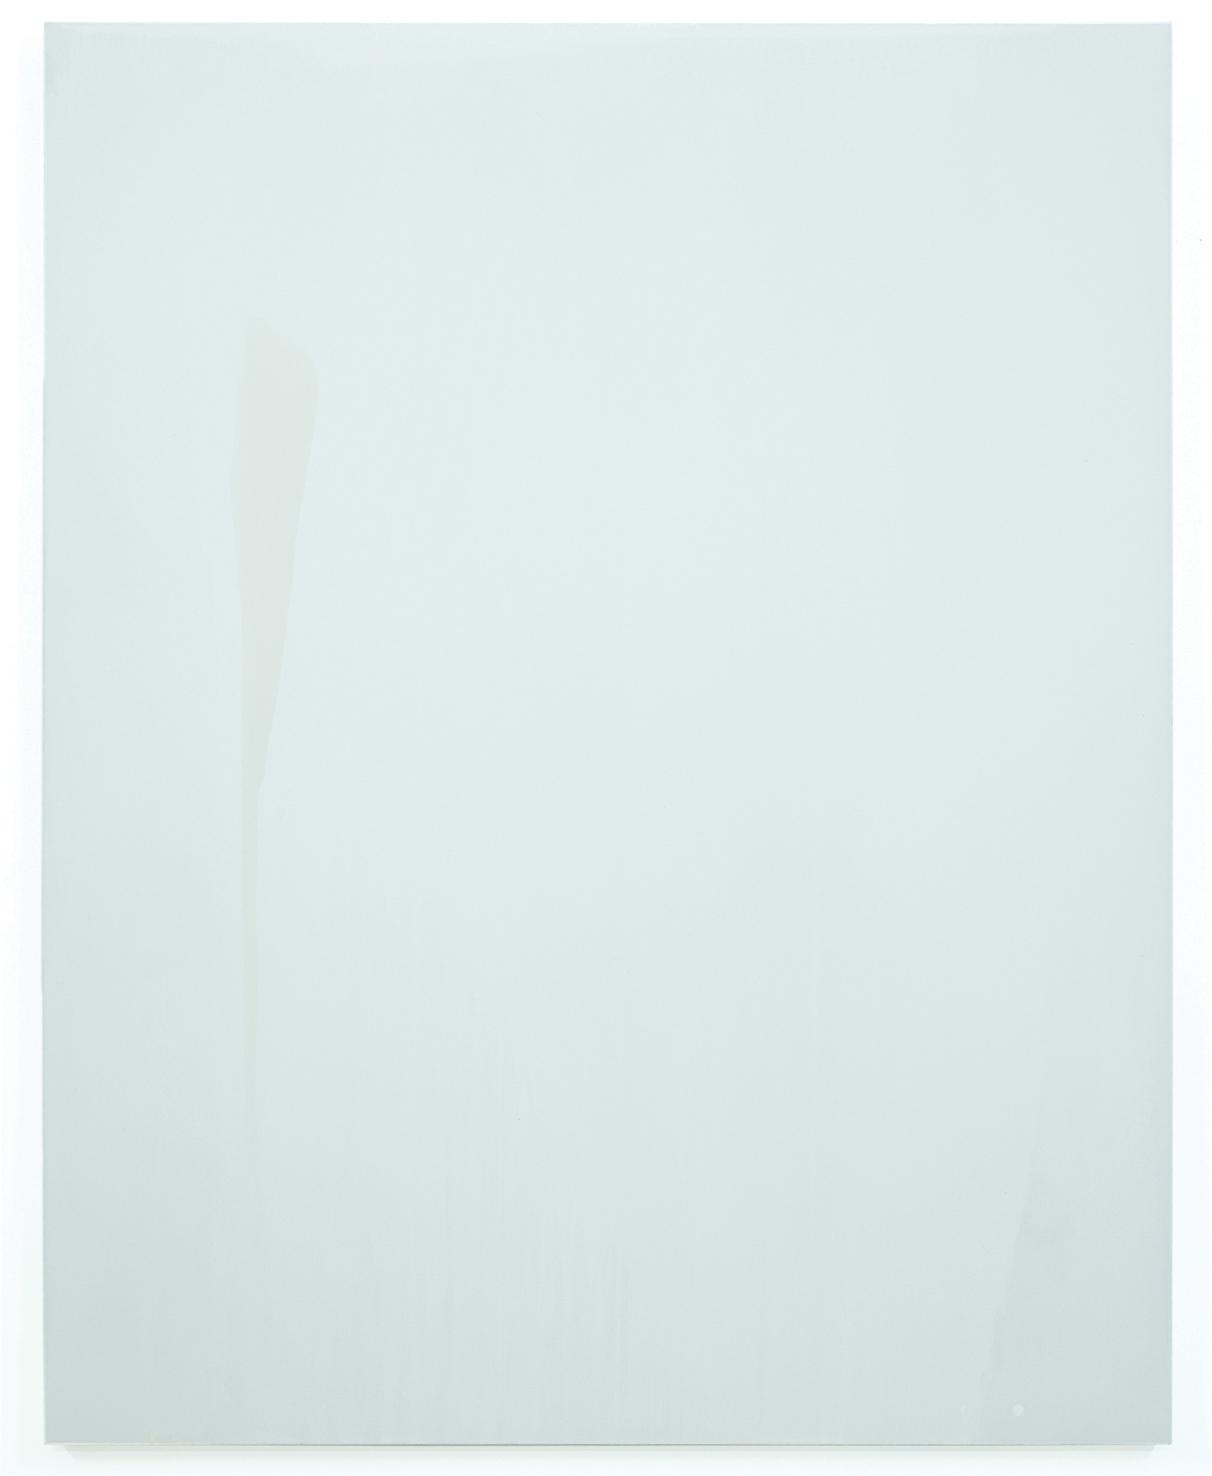 Luke HENG White on White 2015 Oil on linen H170 x W135 xD5 cm